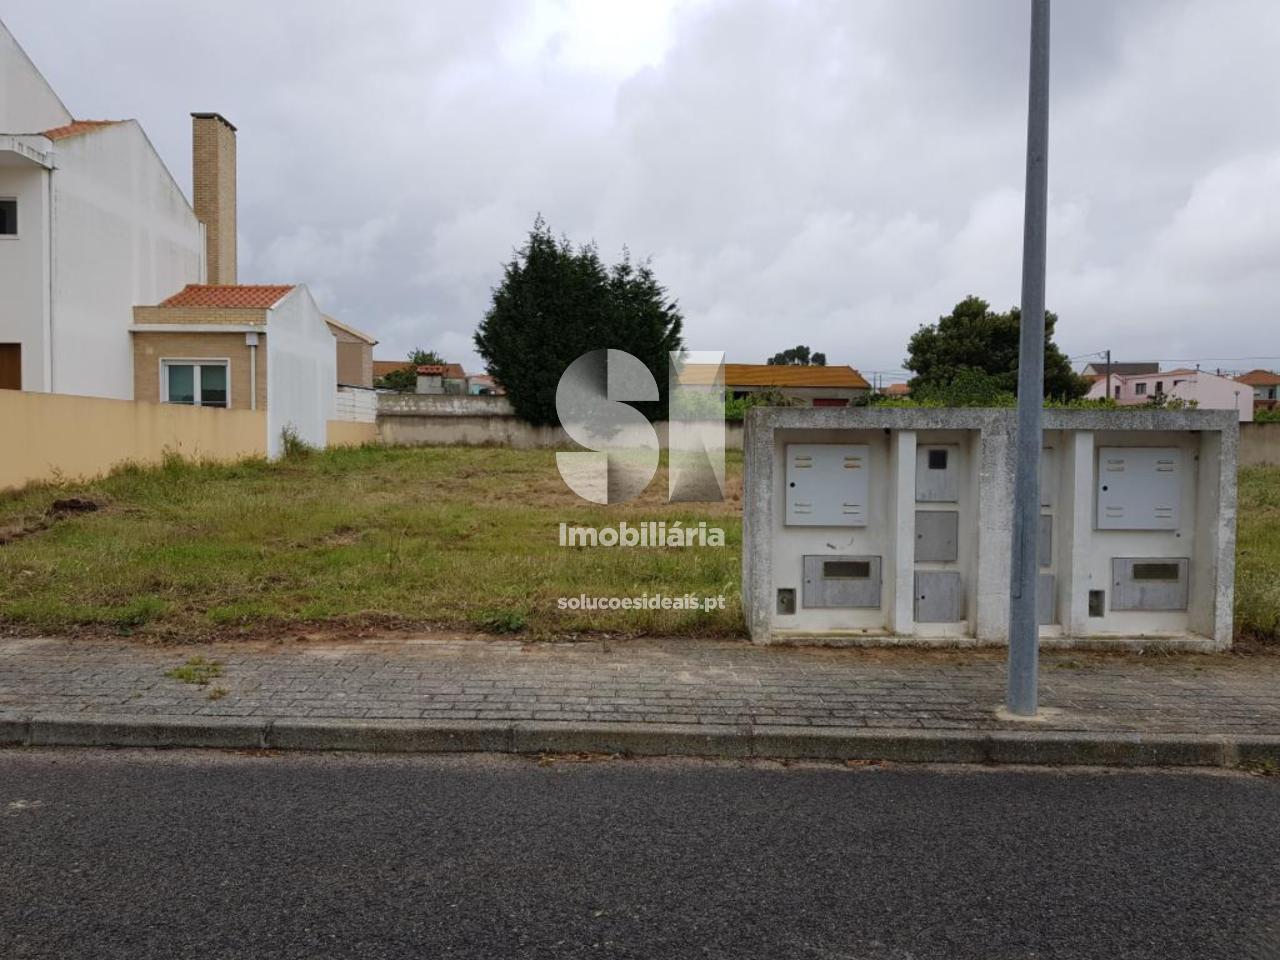 terreno para compra em torres vedras uniao das freguesias de campelos e outeiro da cabeca LFCLM461_12